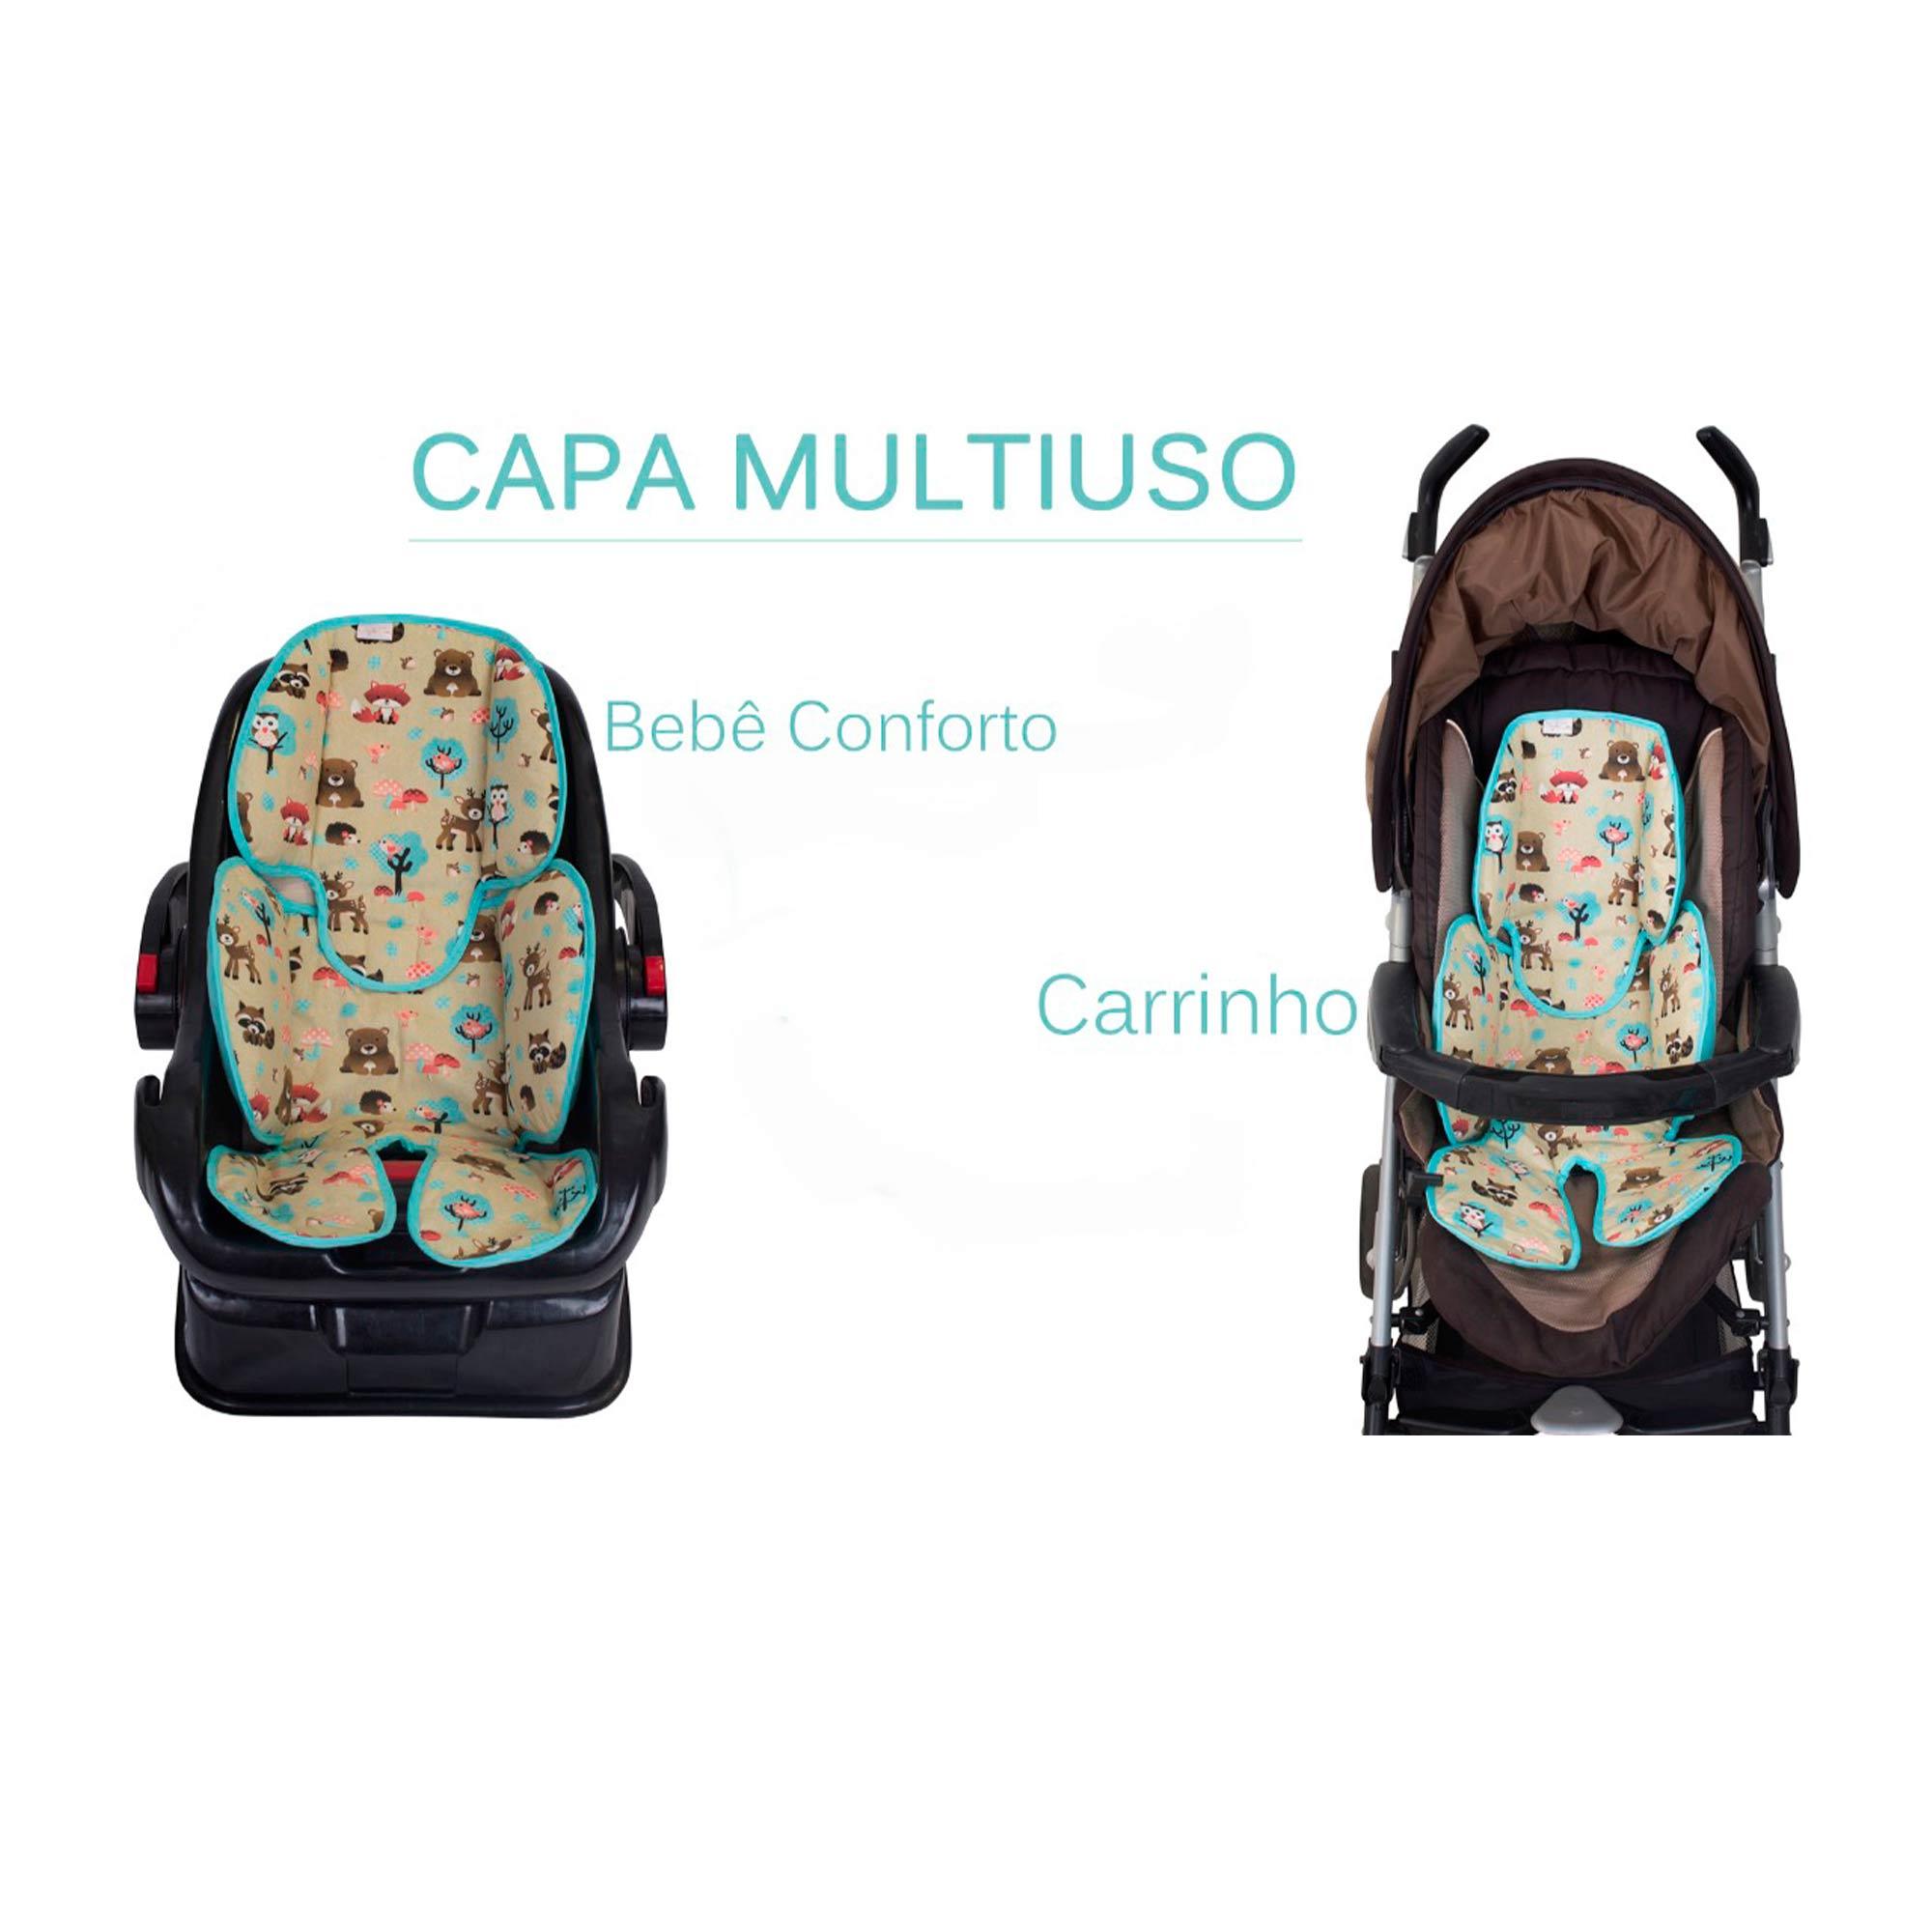 Redutor de Bebê Conforto e Carrinho Ovelha Azul  - Toca do Bebê